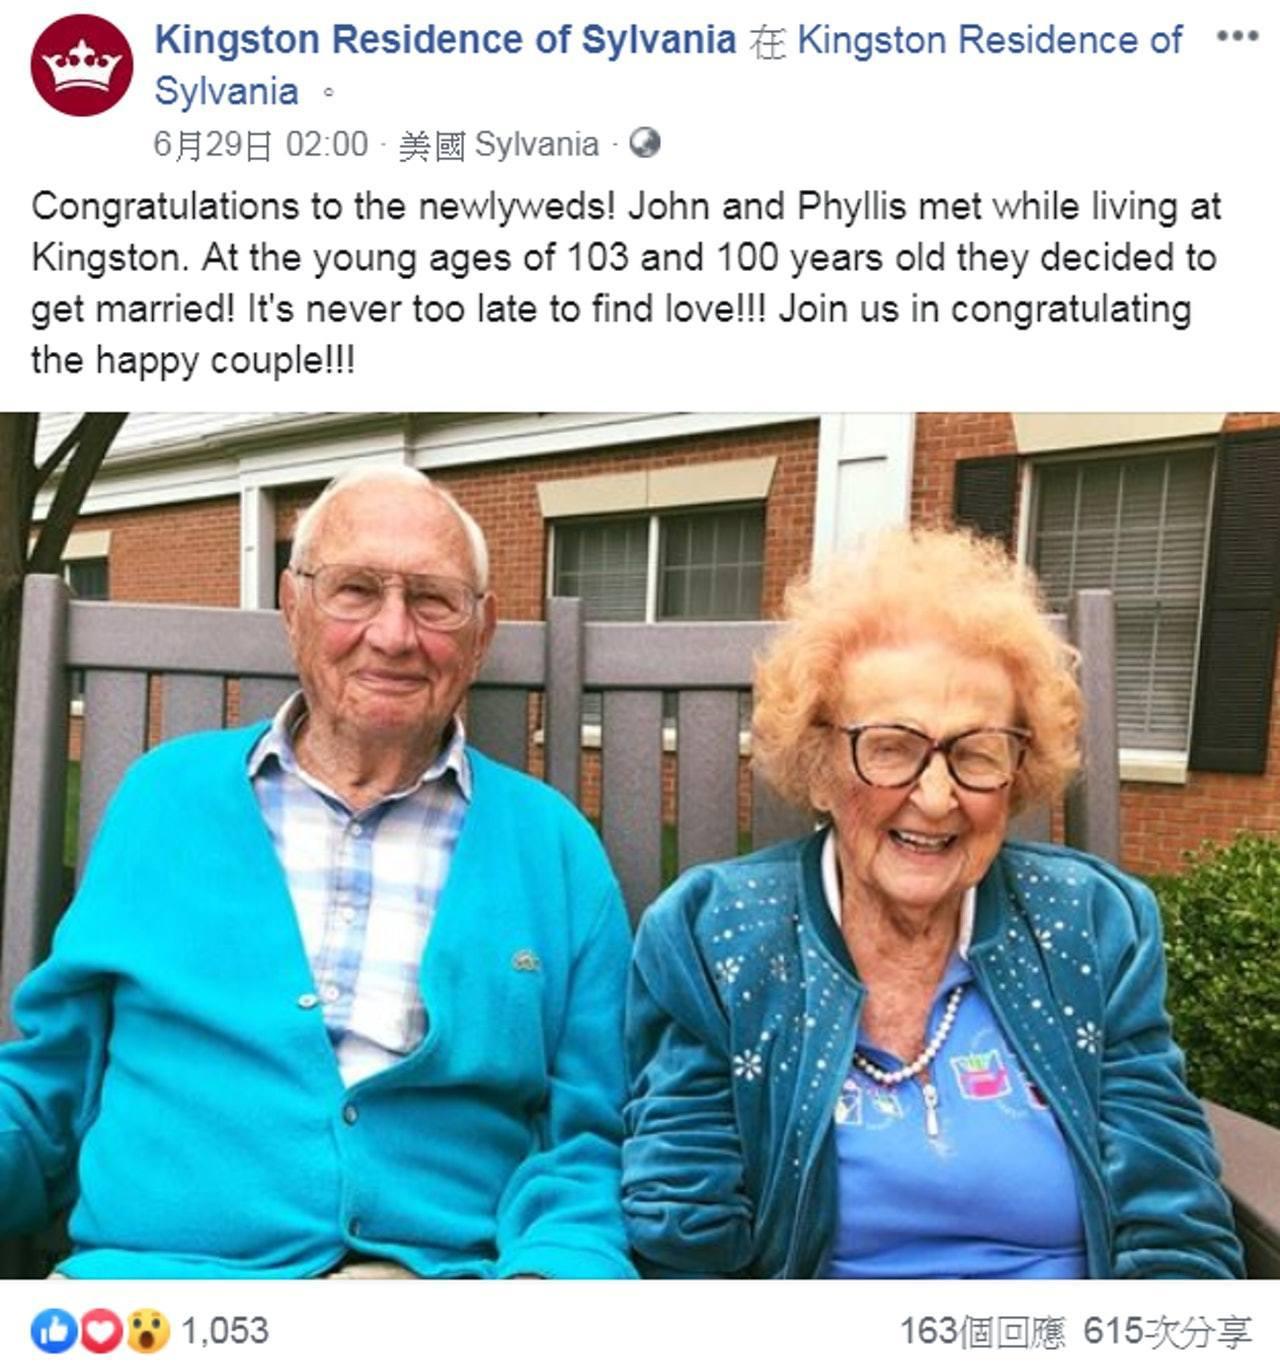 約翰及菲莉絲居住的老人院在fb上發文,祝他們生活幸福快樂。(fb專頁「Kings...